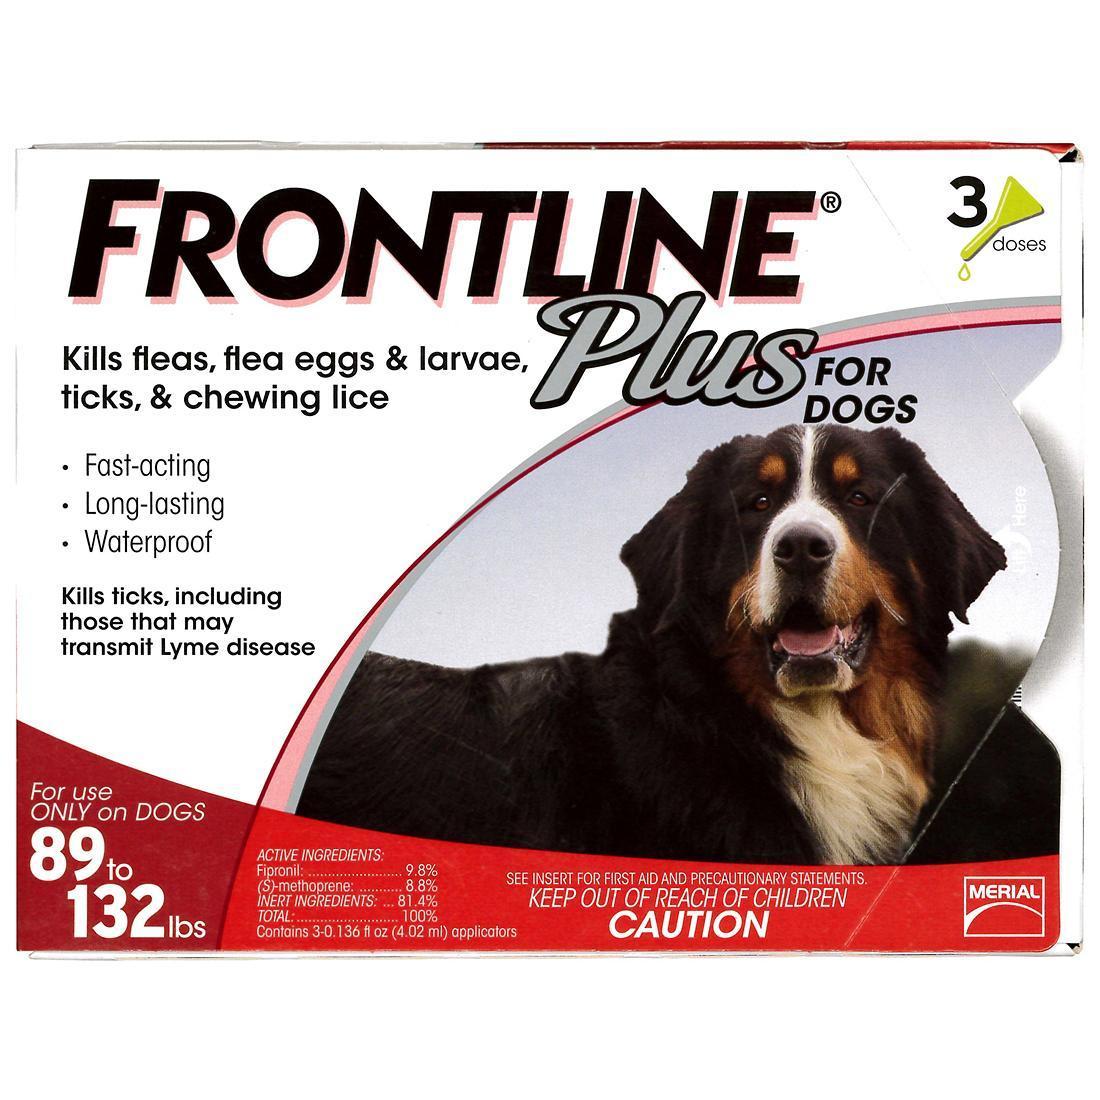 FRONTLINE Plus Flea & Tick Treatment for Dogs (89-132 pounds)